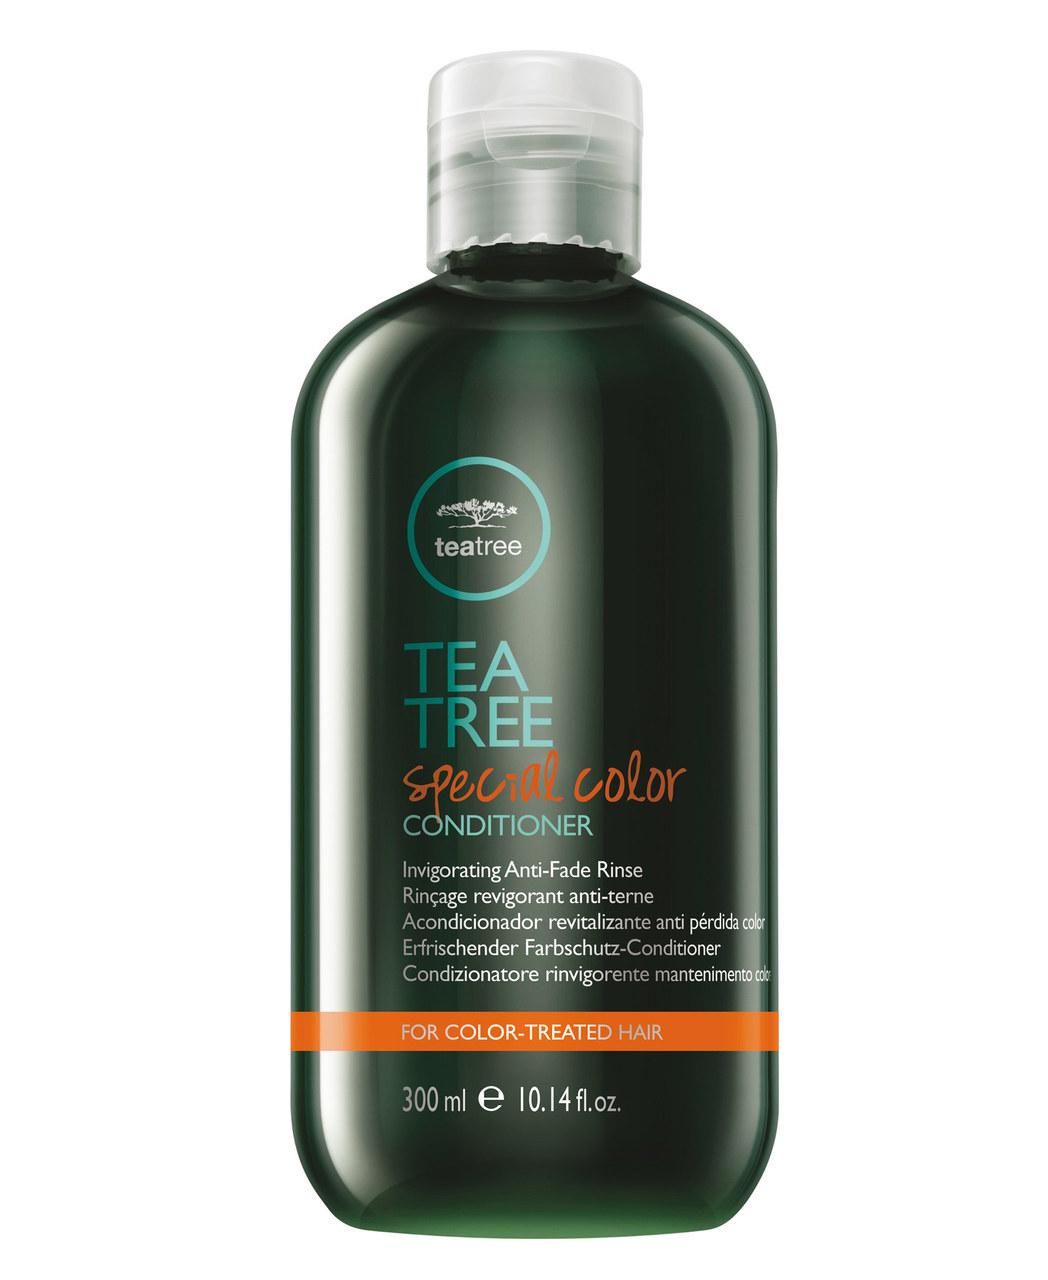 Tea Tree Special Color Conditioner® obsah (ml): 300ml